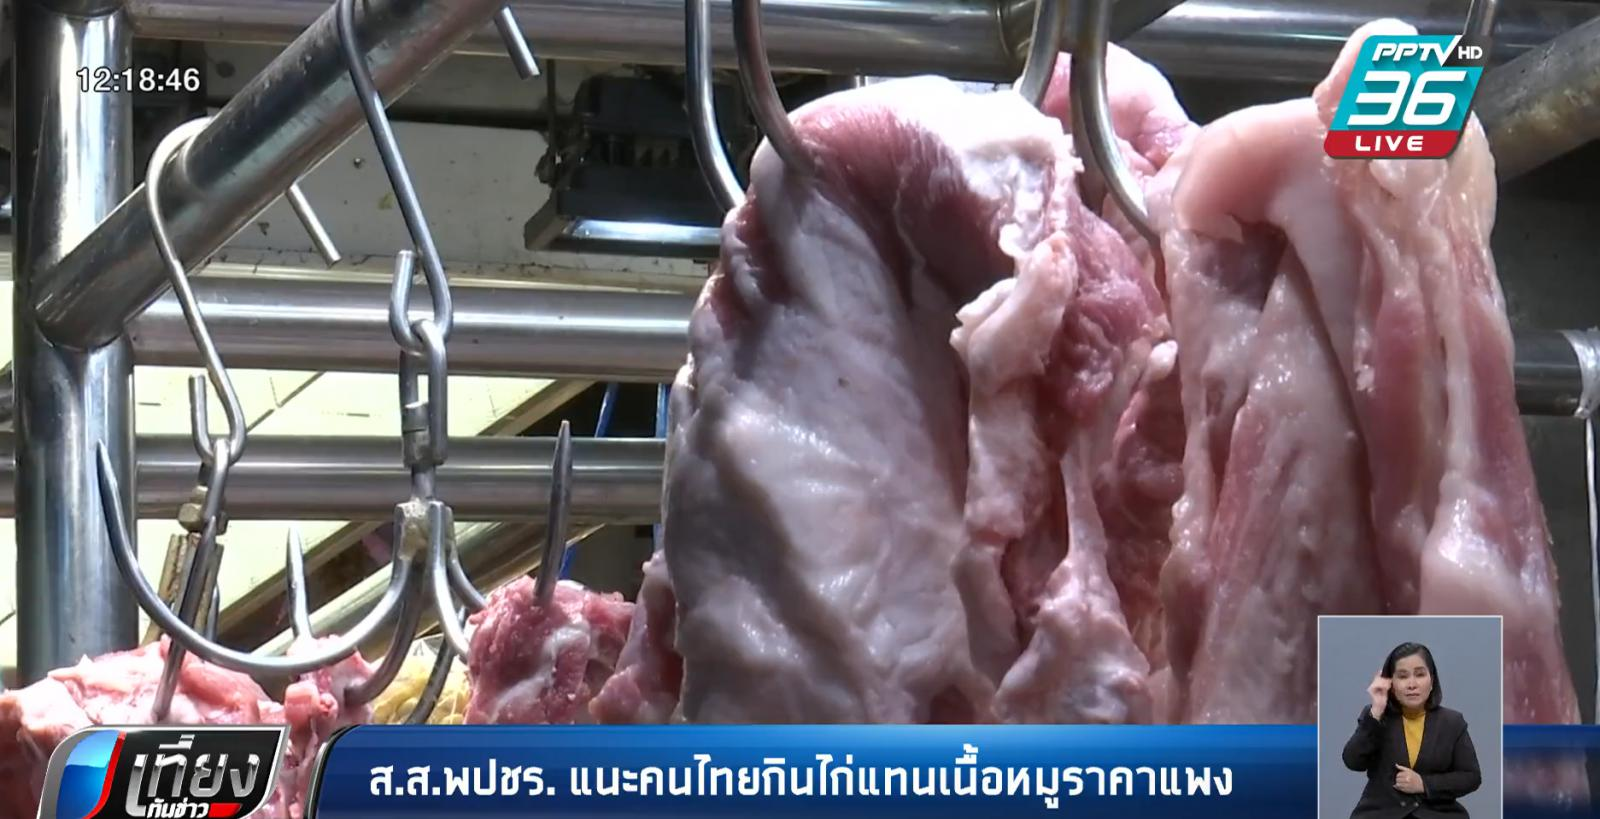 ราคาหมูแพง! ส.ส.พลังประชารัฐ แนะ กินเนื้อไก่แทนหมู